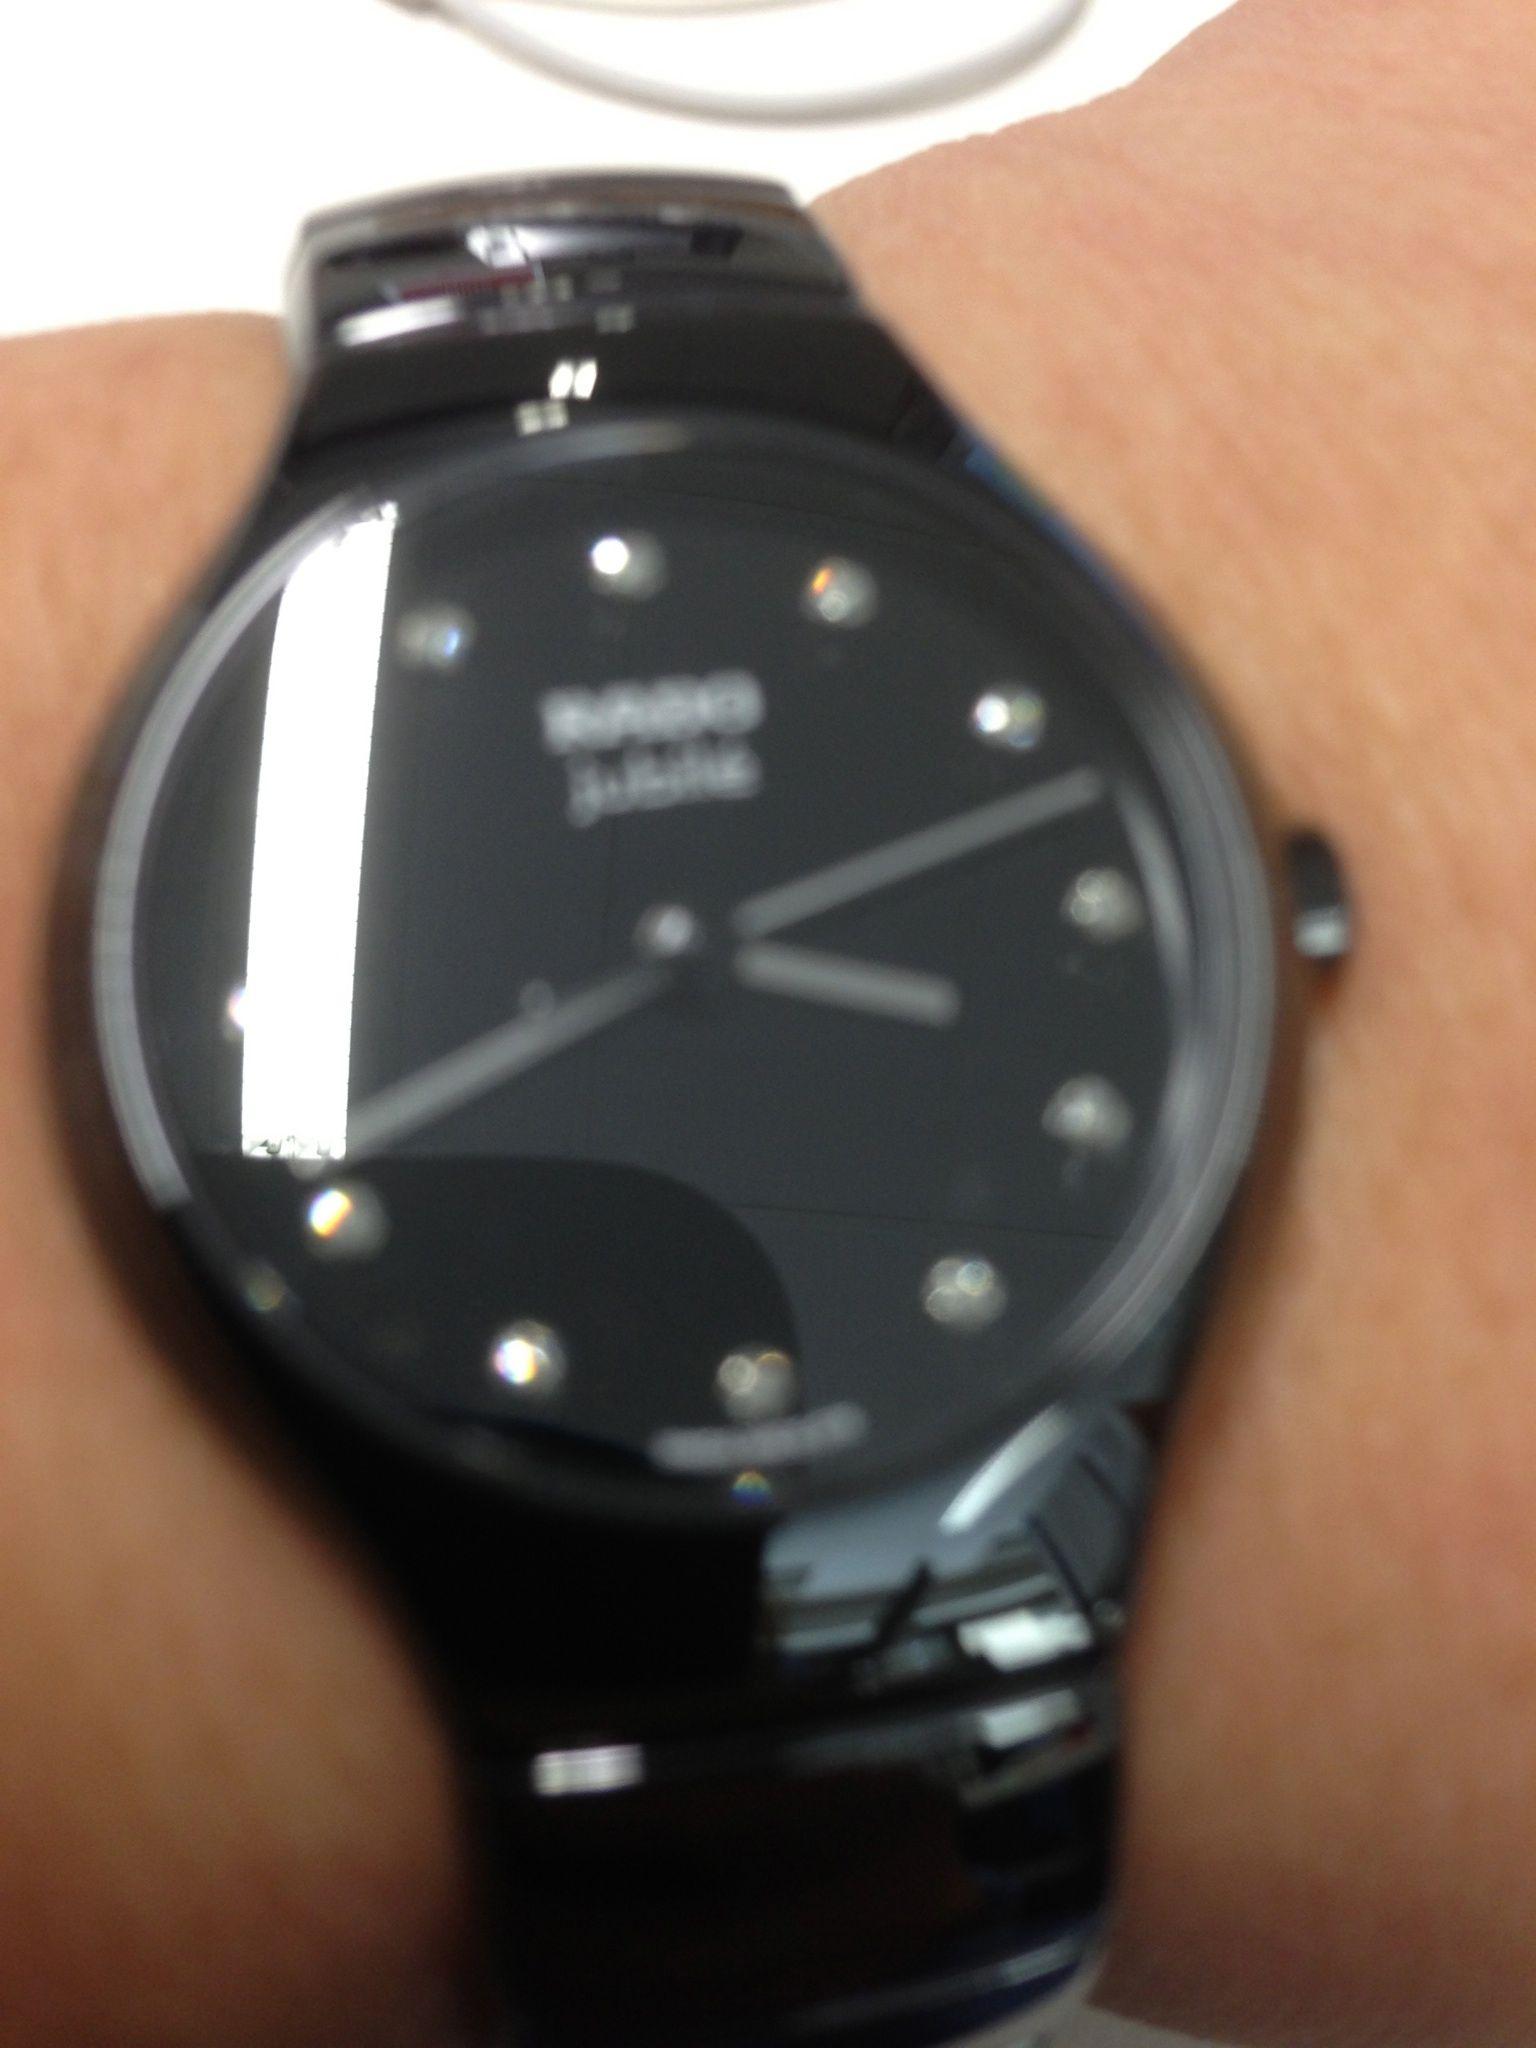 Rado True Jubile 12 Diamonds Samsung Gear Watch Smart Watch Wearable